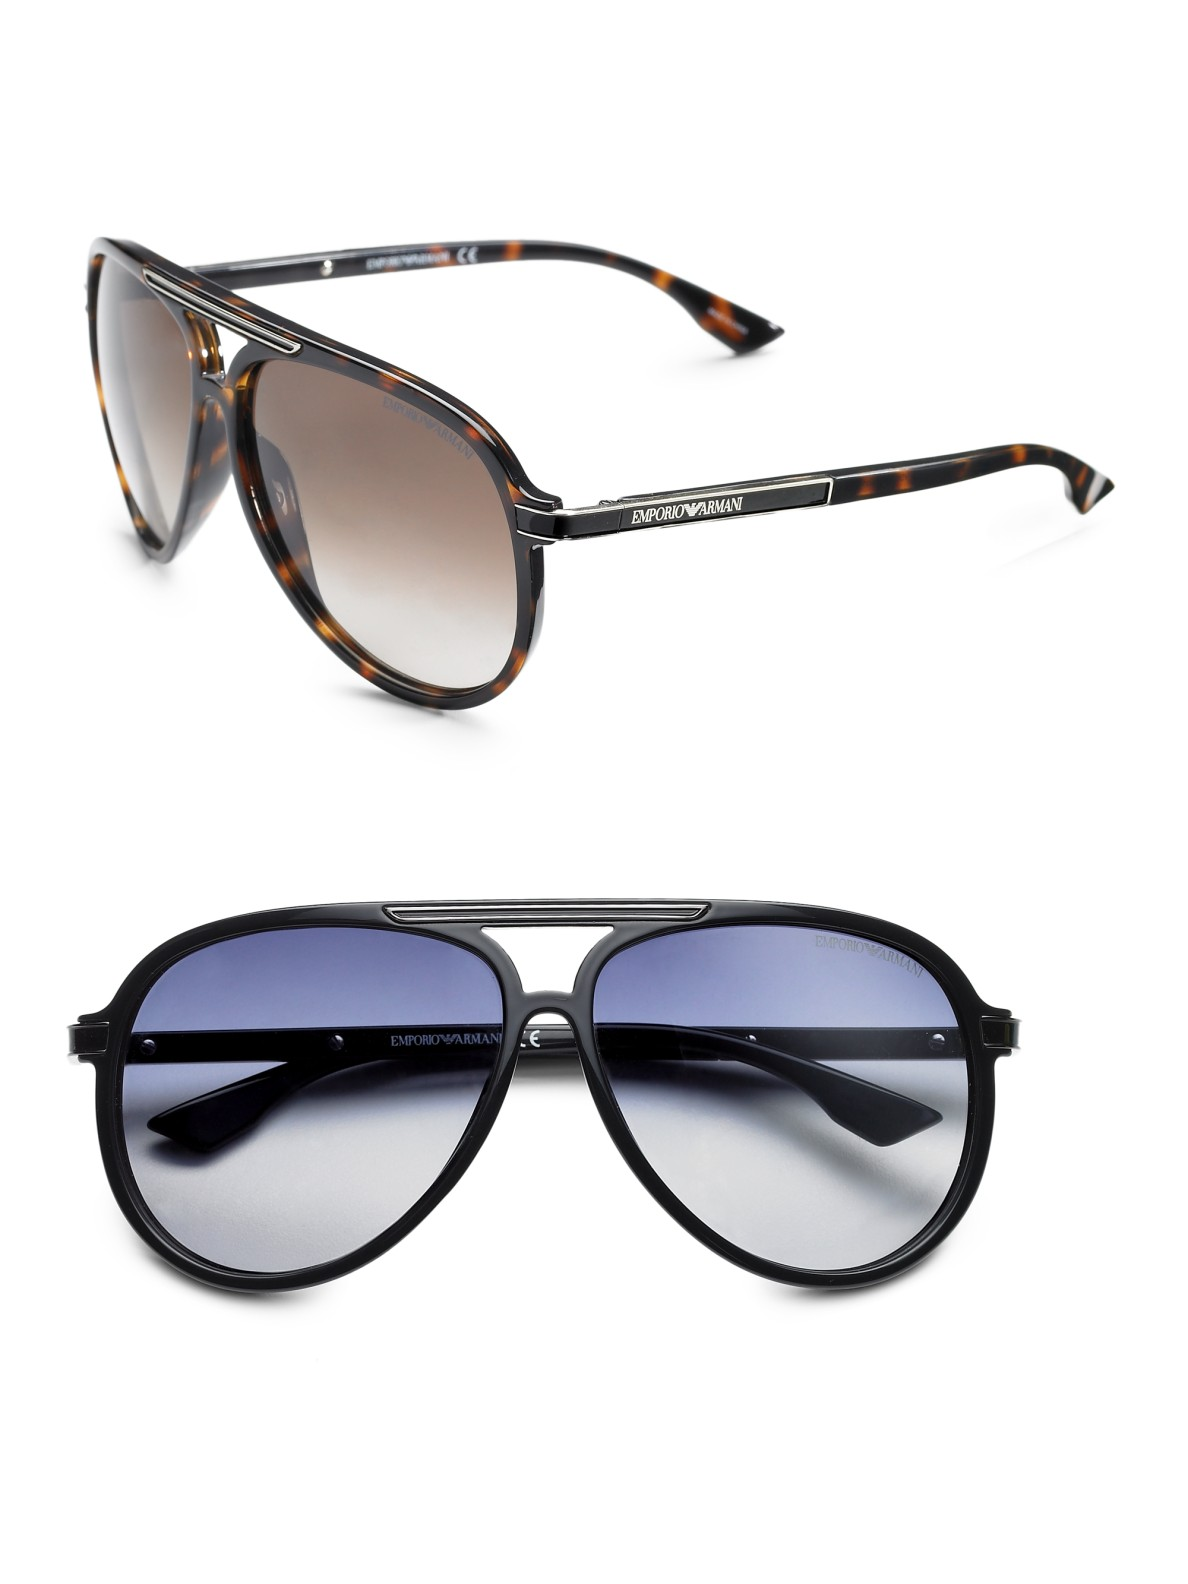 Ermeneglido Zegna Glasses